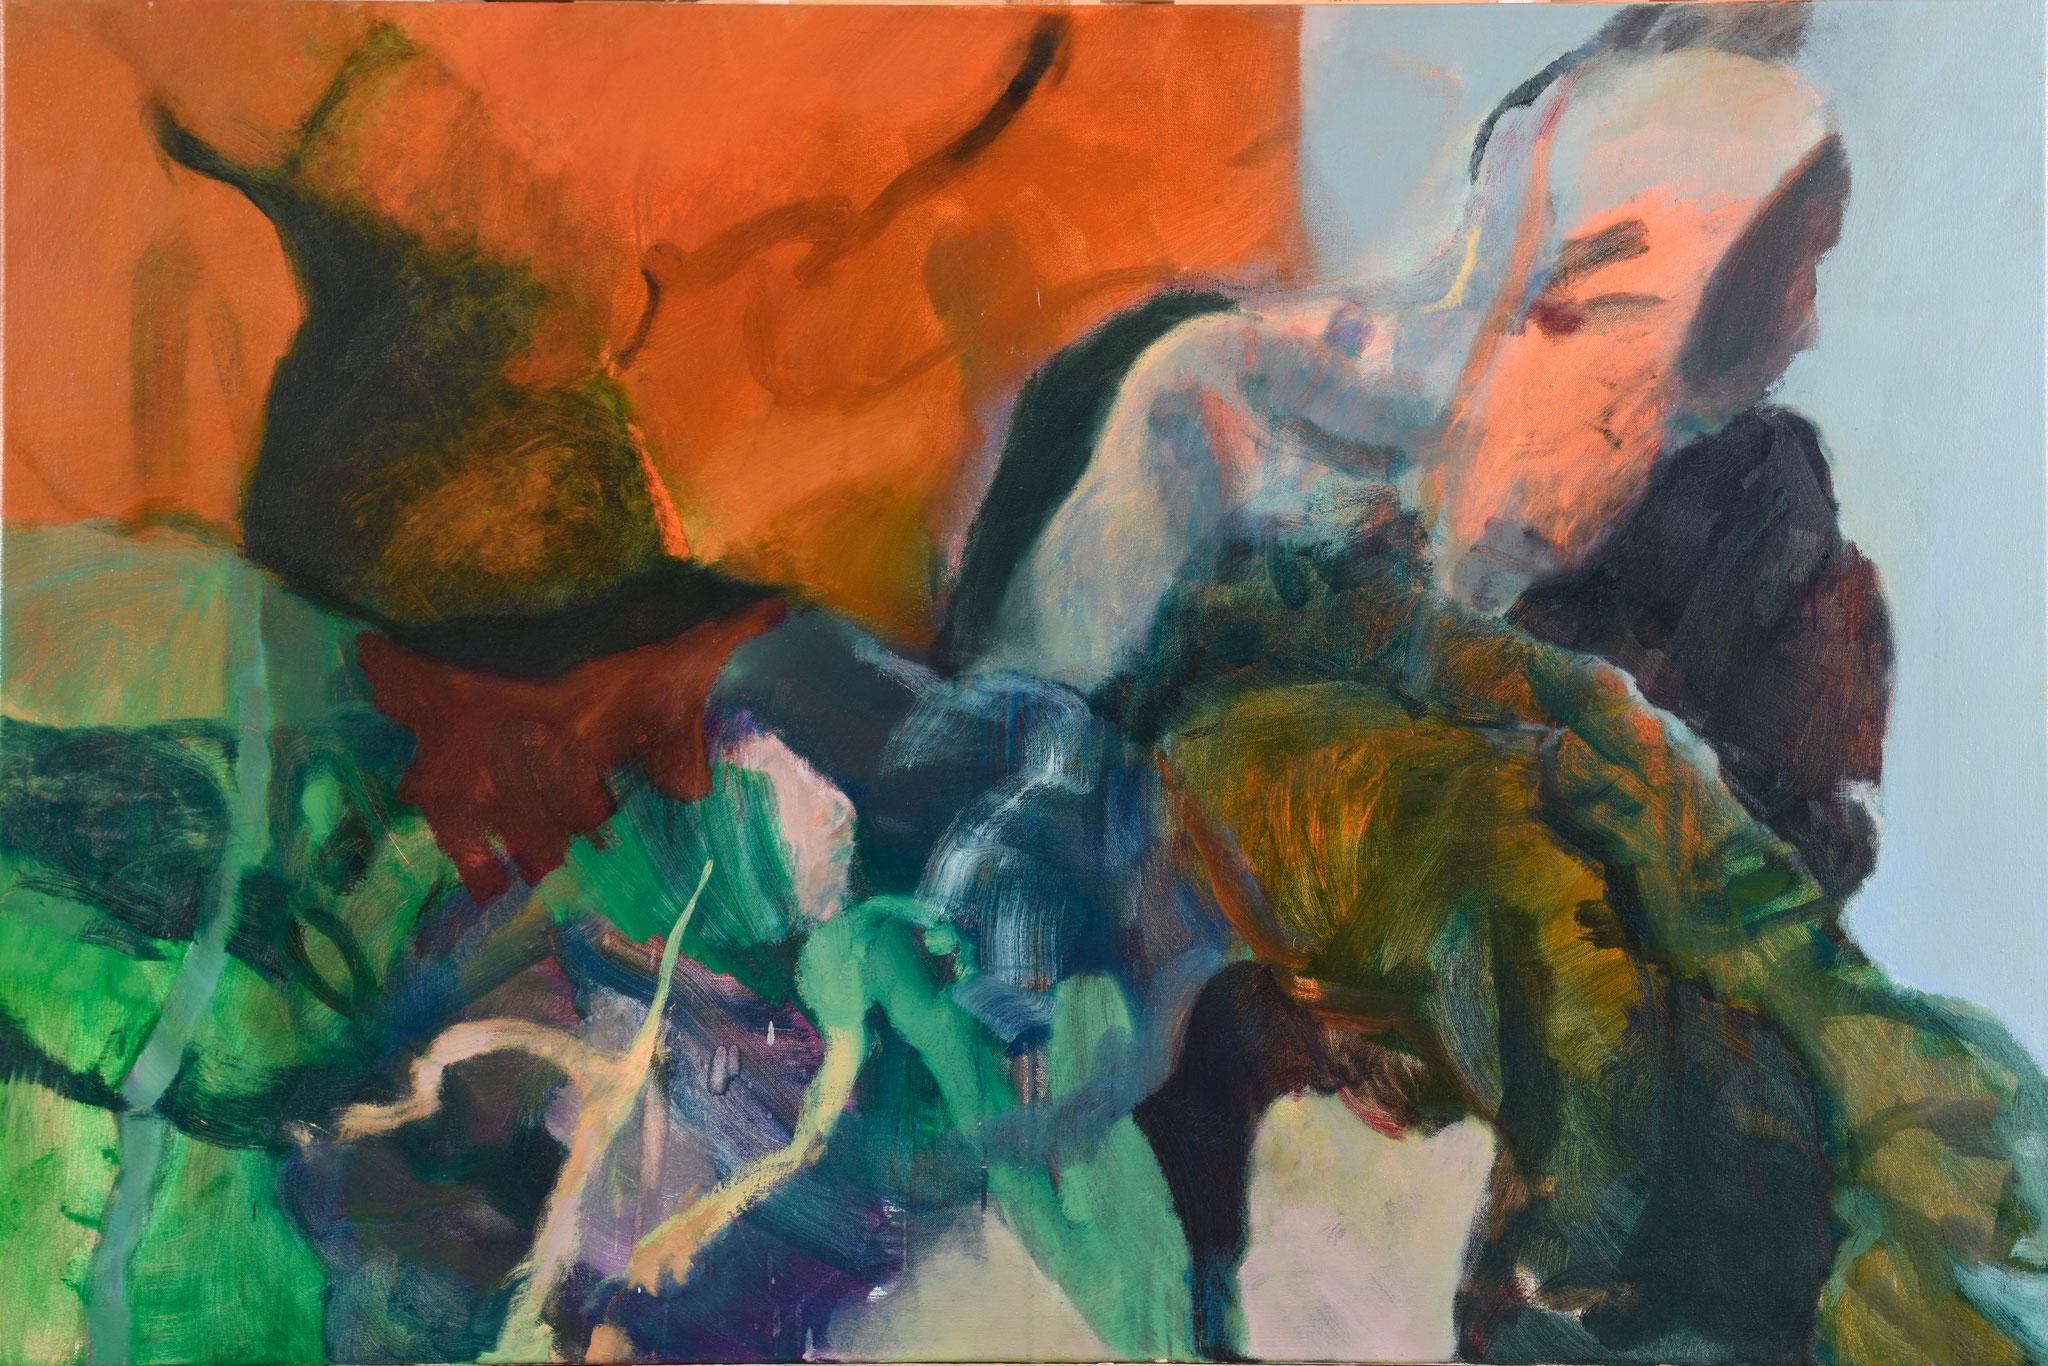 61  |  Ohne Titel  |  2018  |  Öl auf Leinwand  |  100 x 150 cm